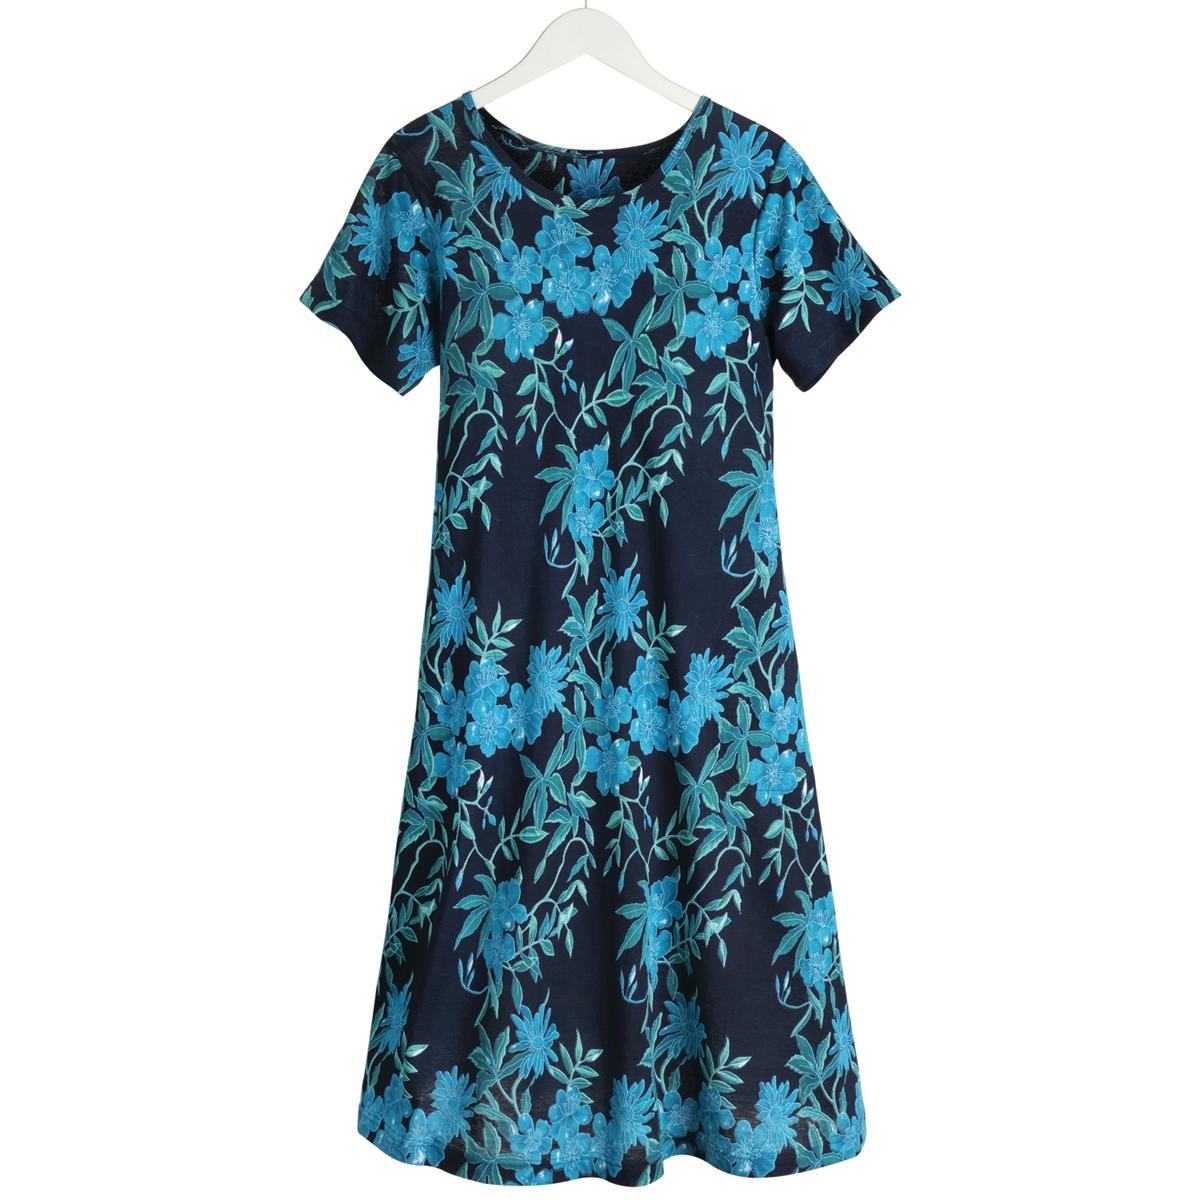 Geranium Knit Dress